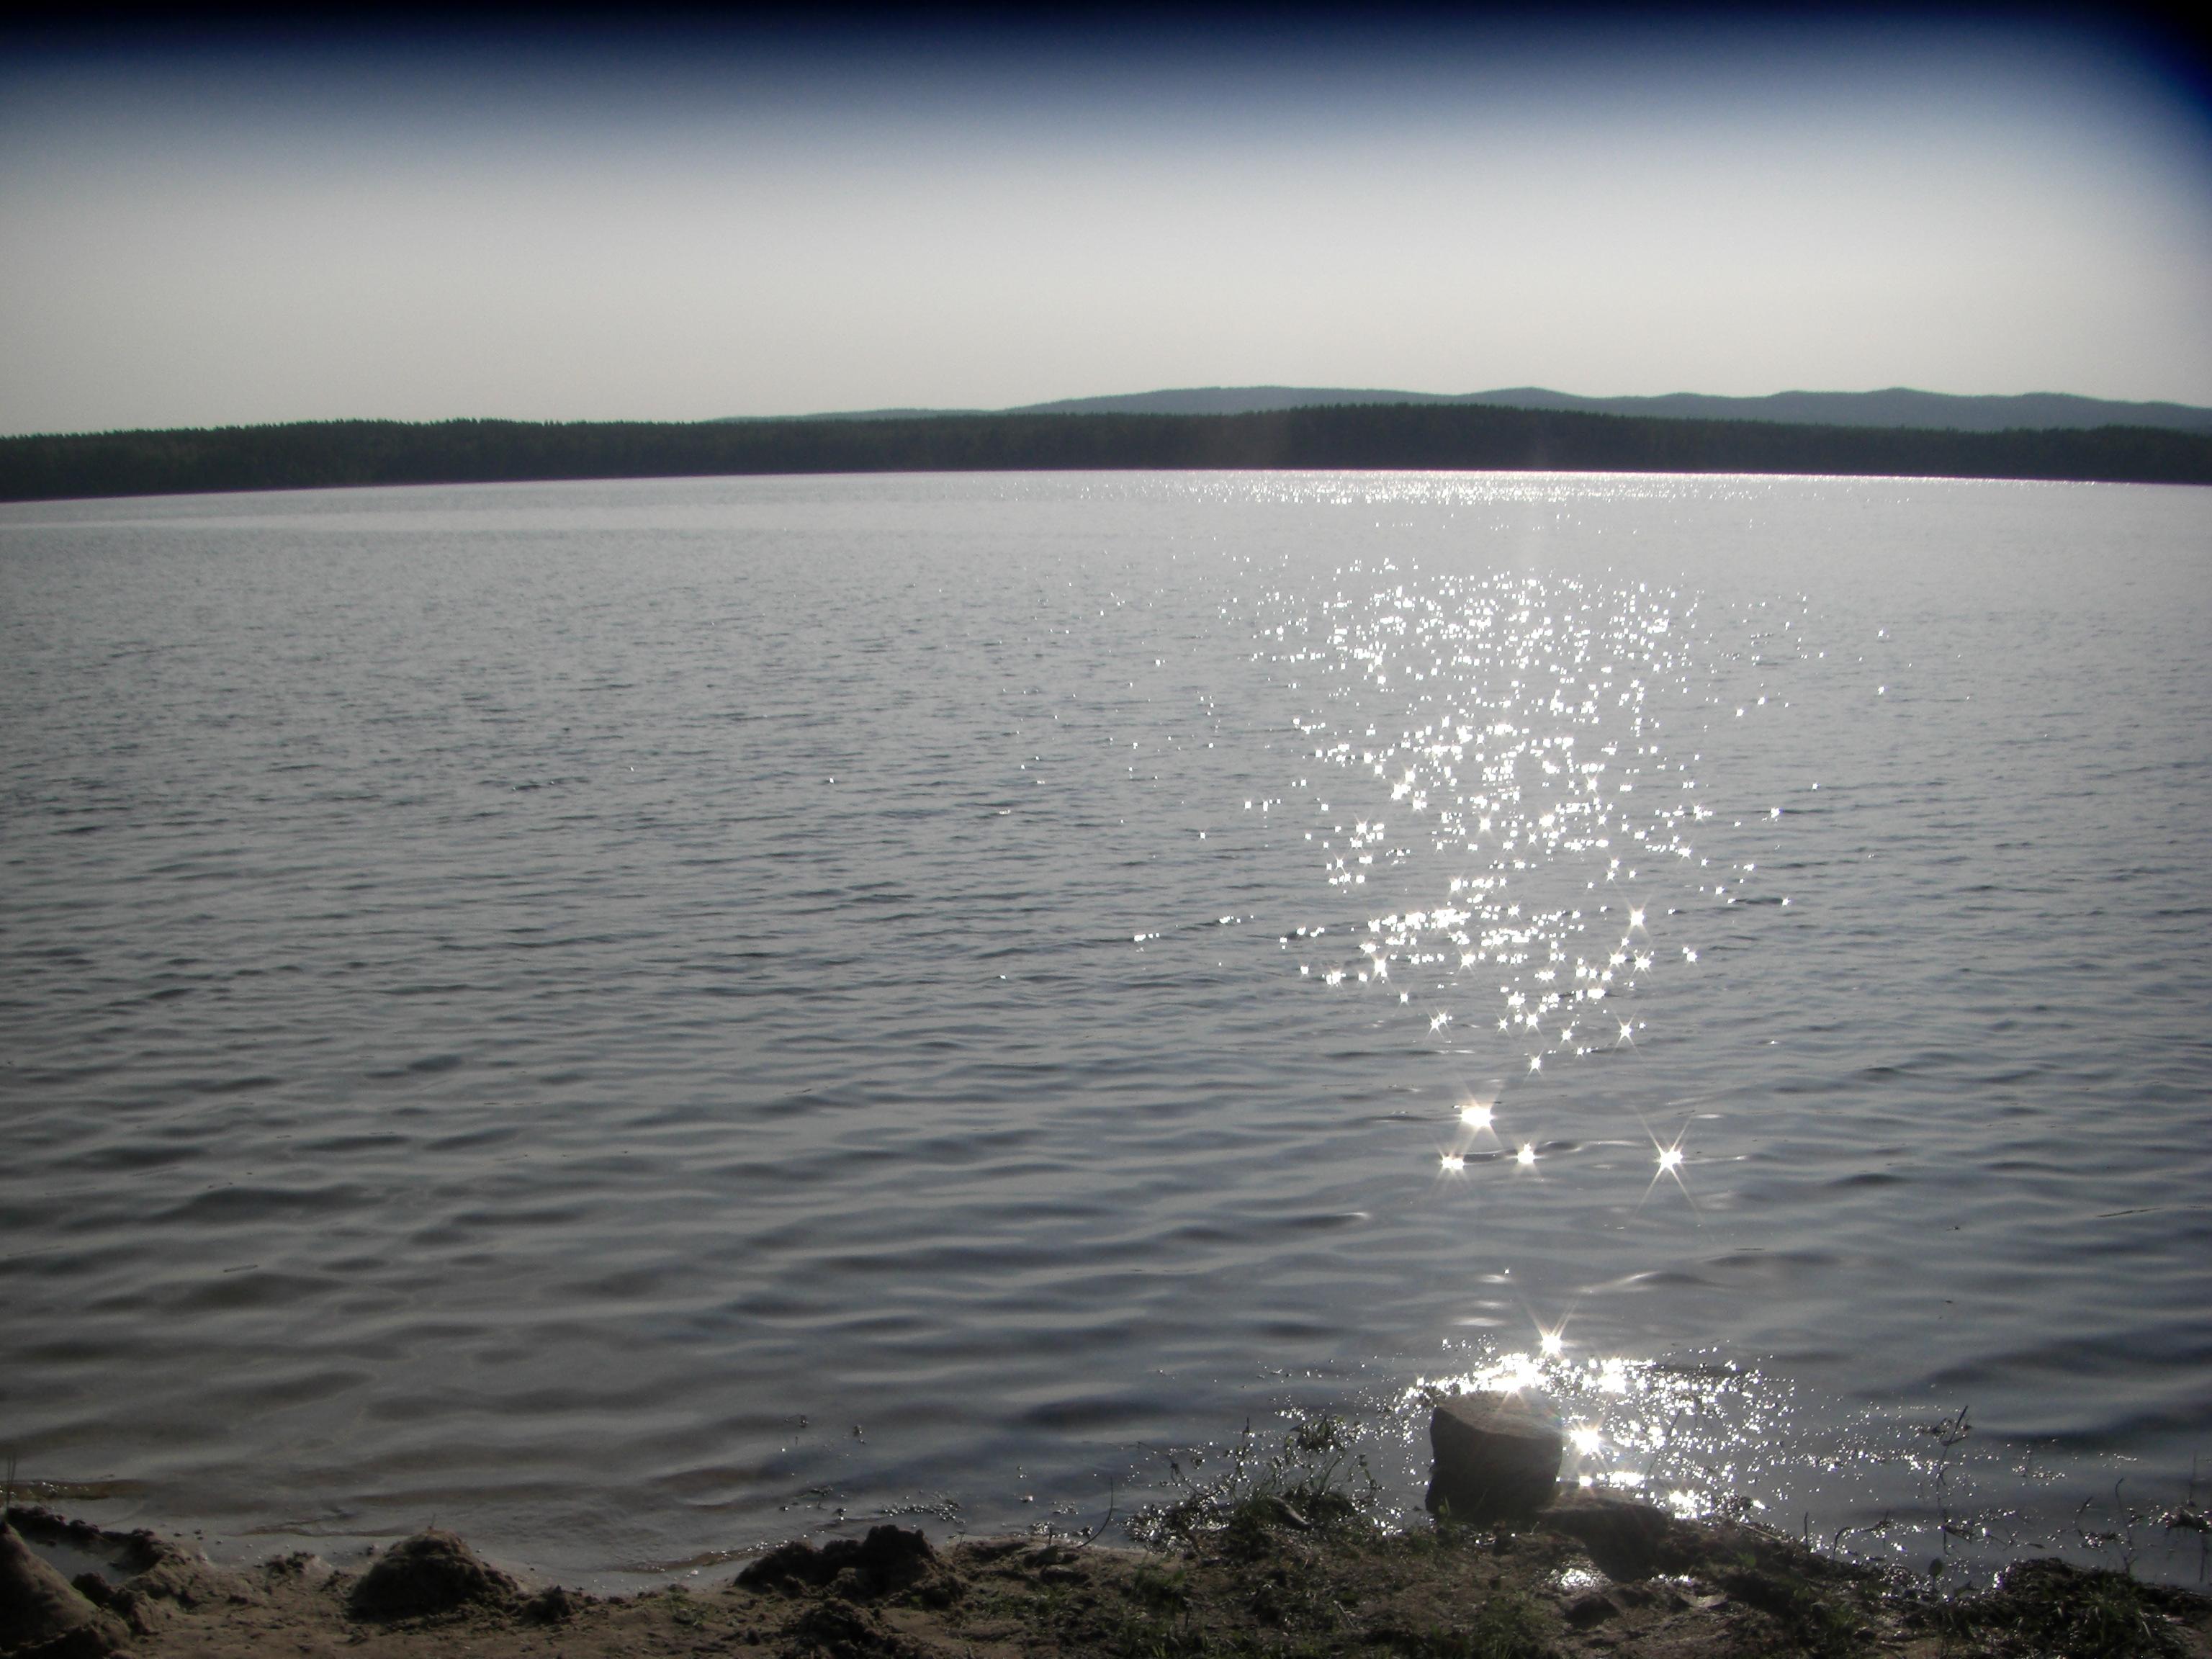 Водная гладь сверкает на солнце (29.08.2014)